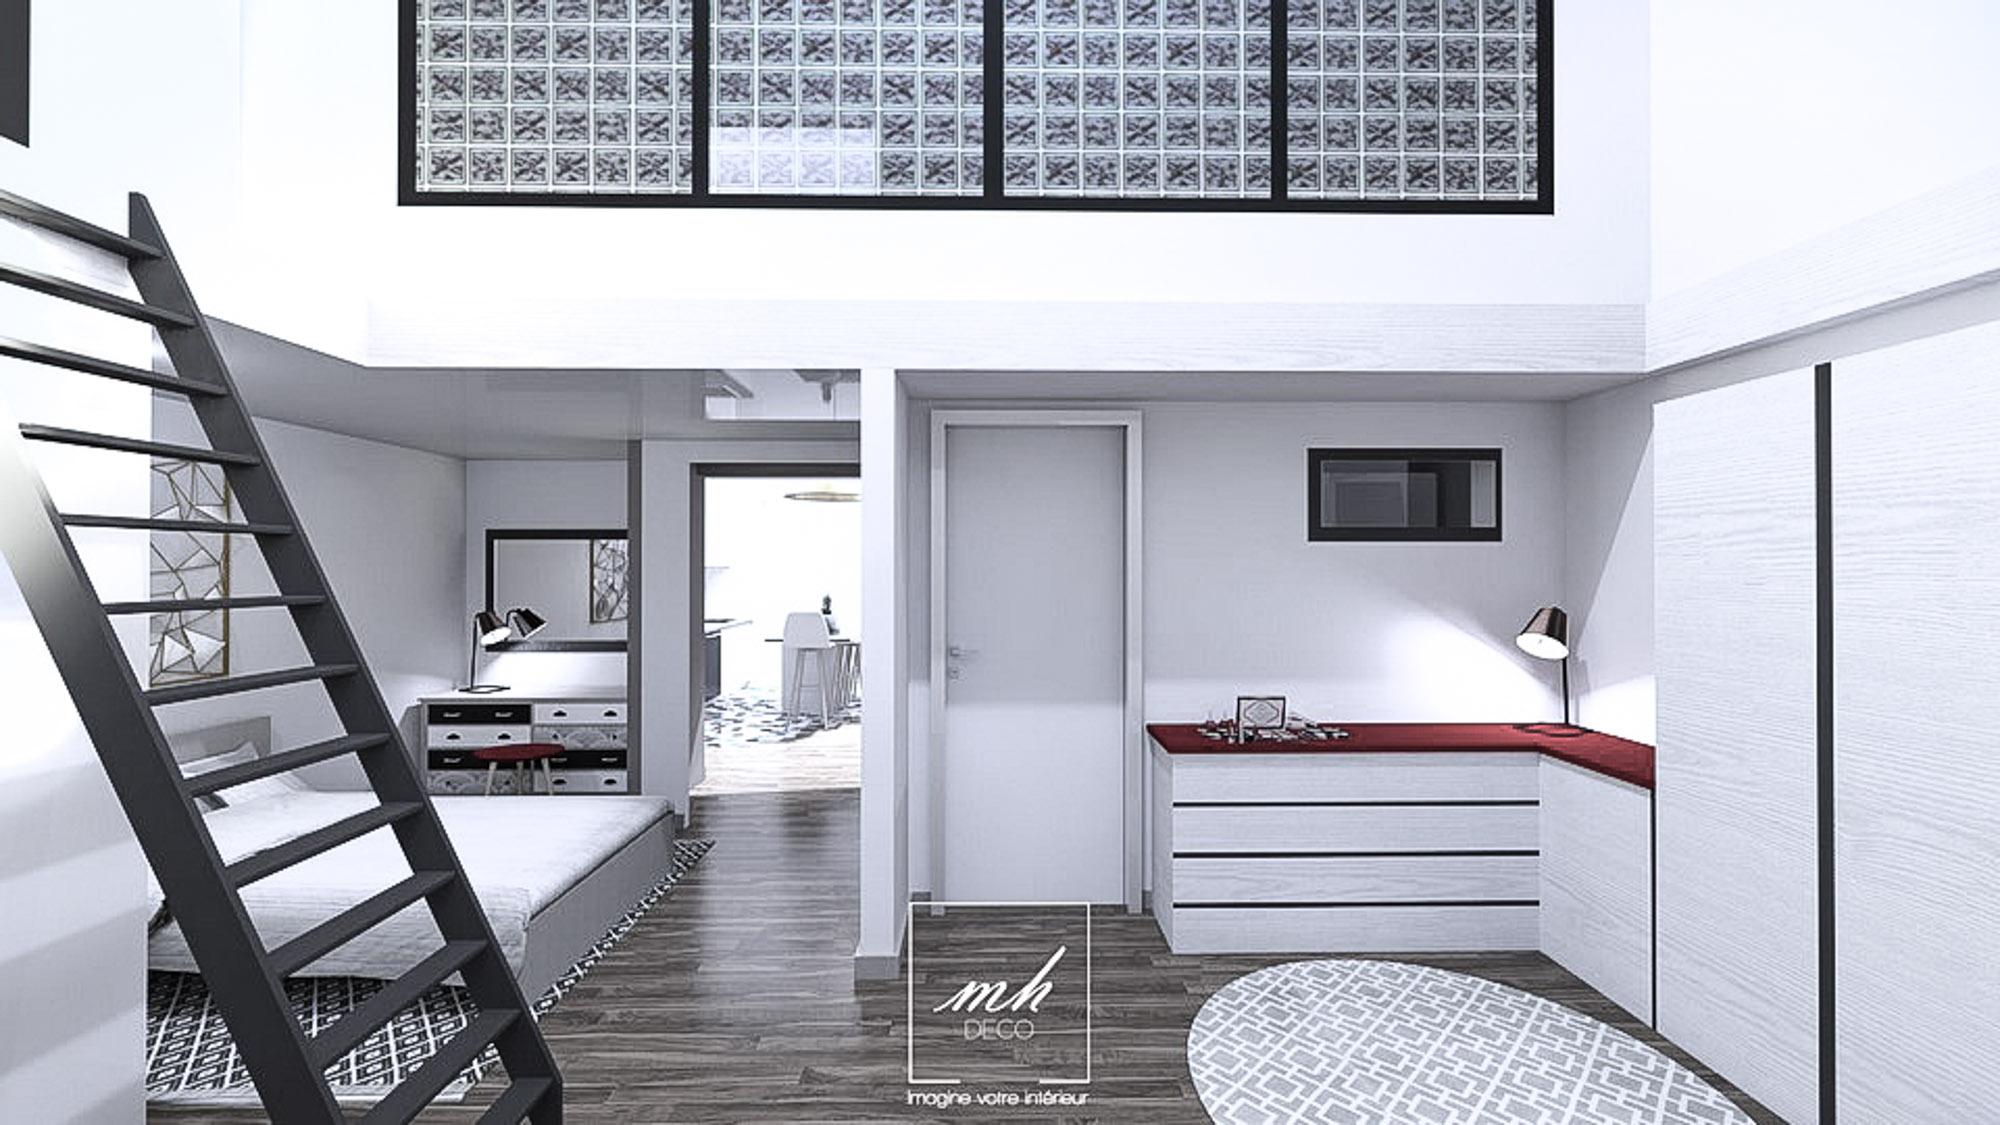 mh-deco-interieur-montpellier-vente-appartement-1